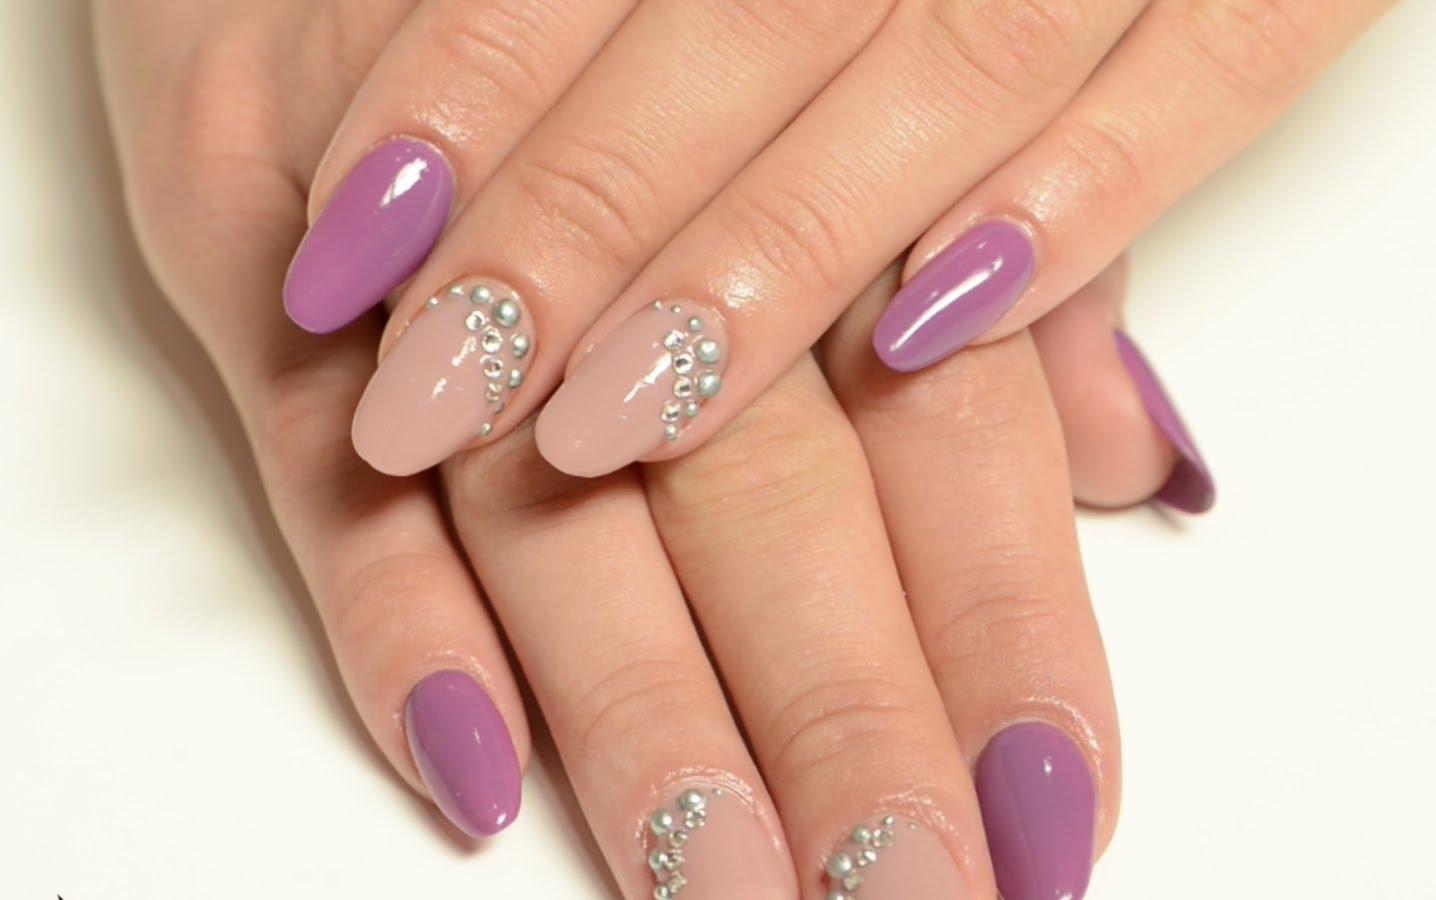 Le unghie simbolo per eccellenza di femminilit - Immagini estive a colori ...